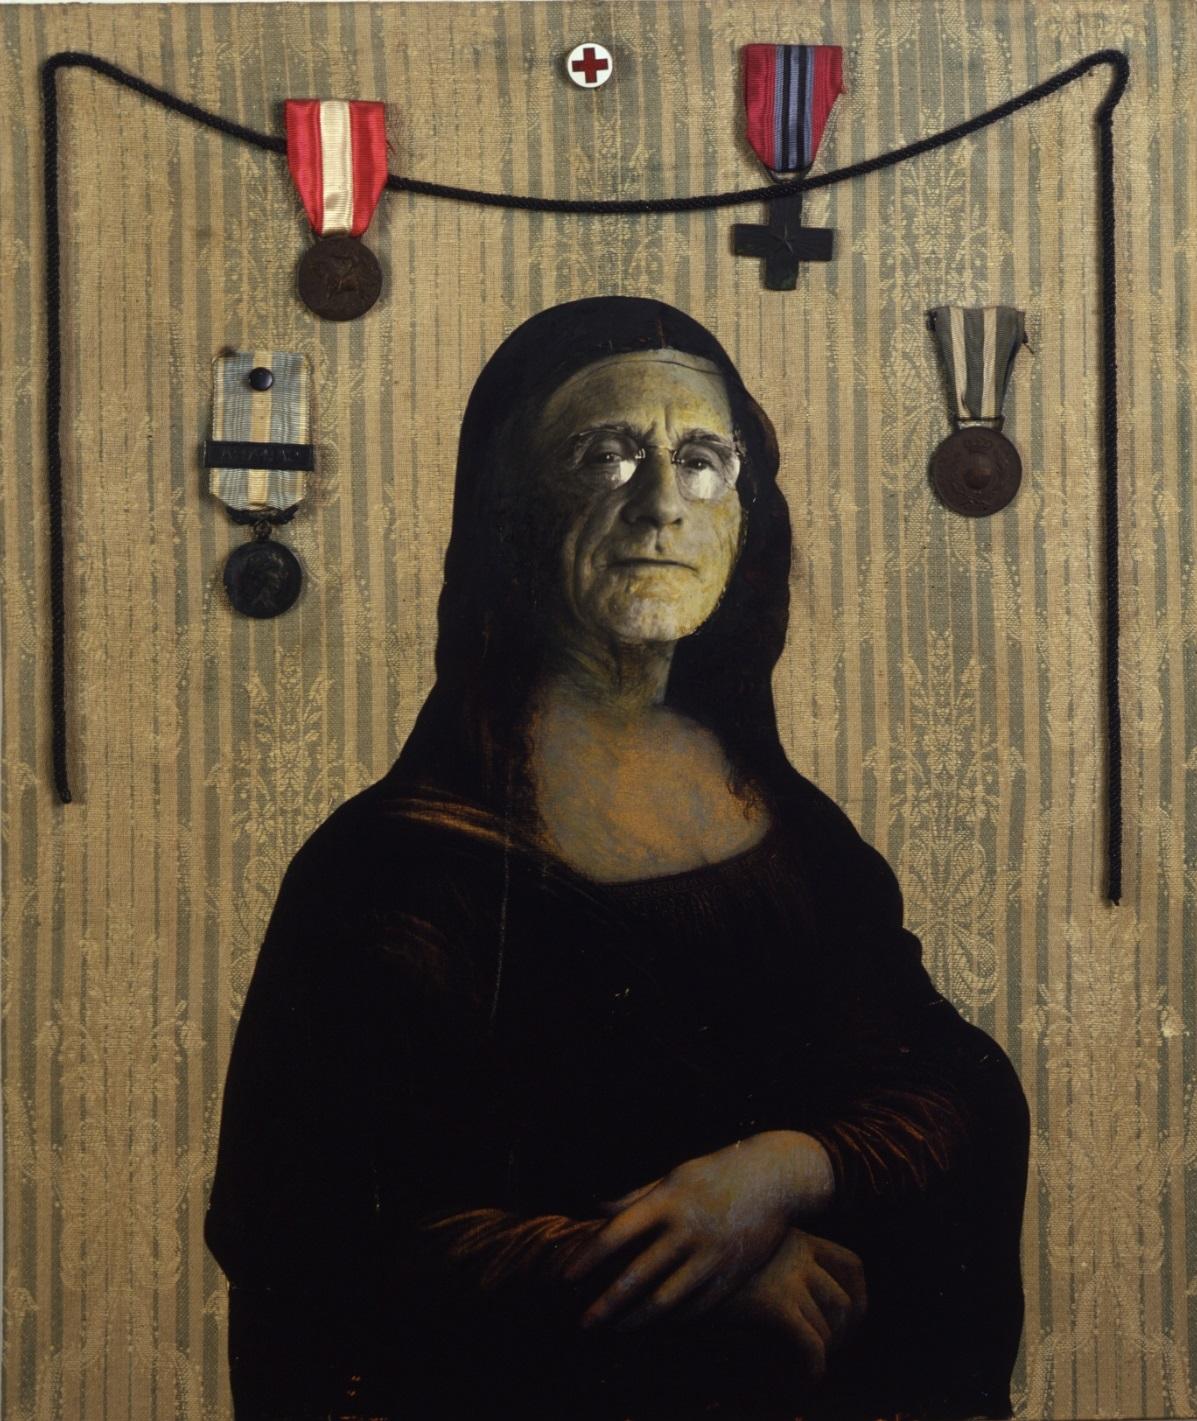 2. Enrico Baj, La vendetta della Gioconda, 1965, collage su tavola, cm 55x46, Vergiate, Archivio Baj